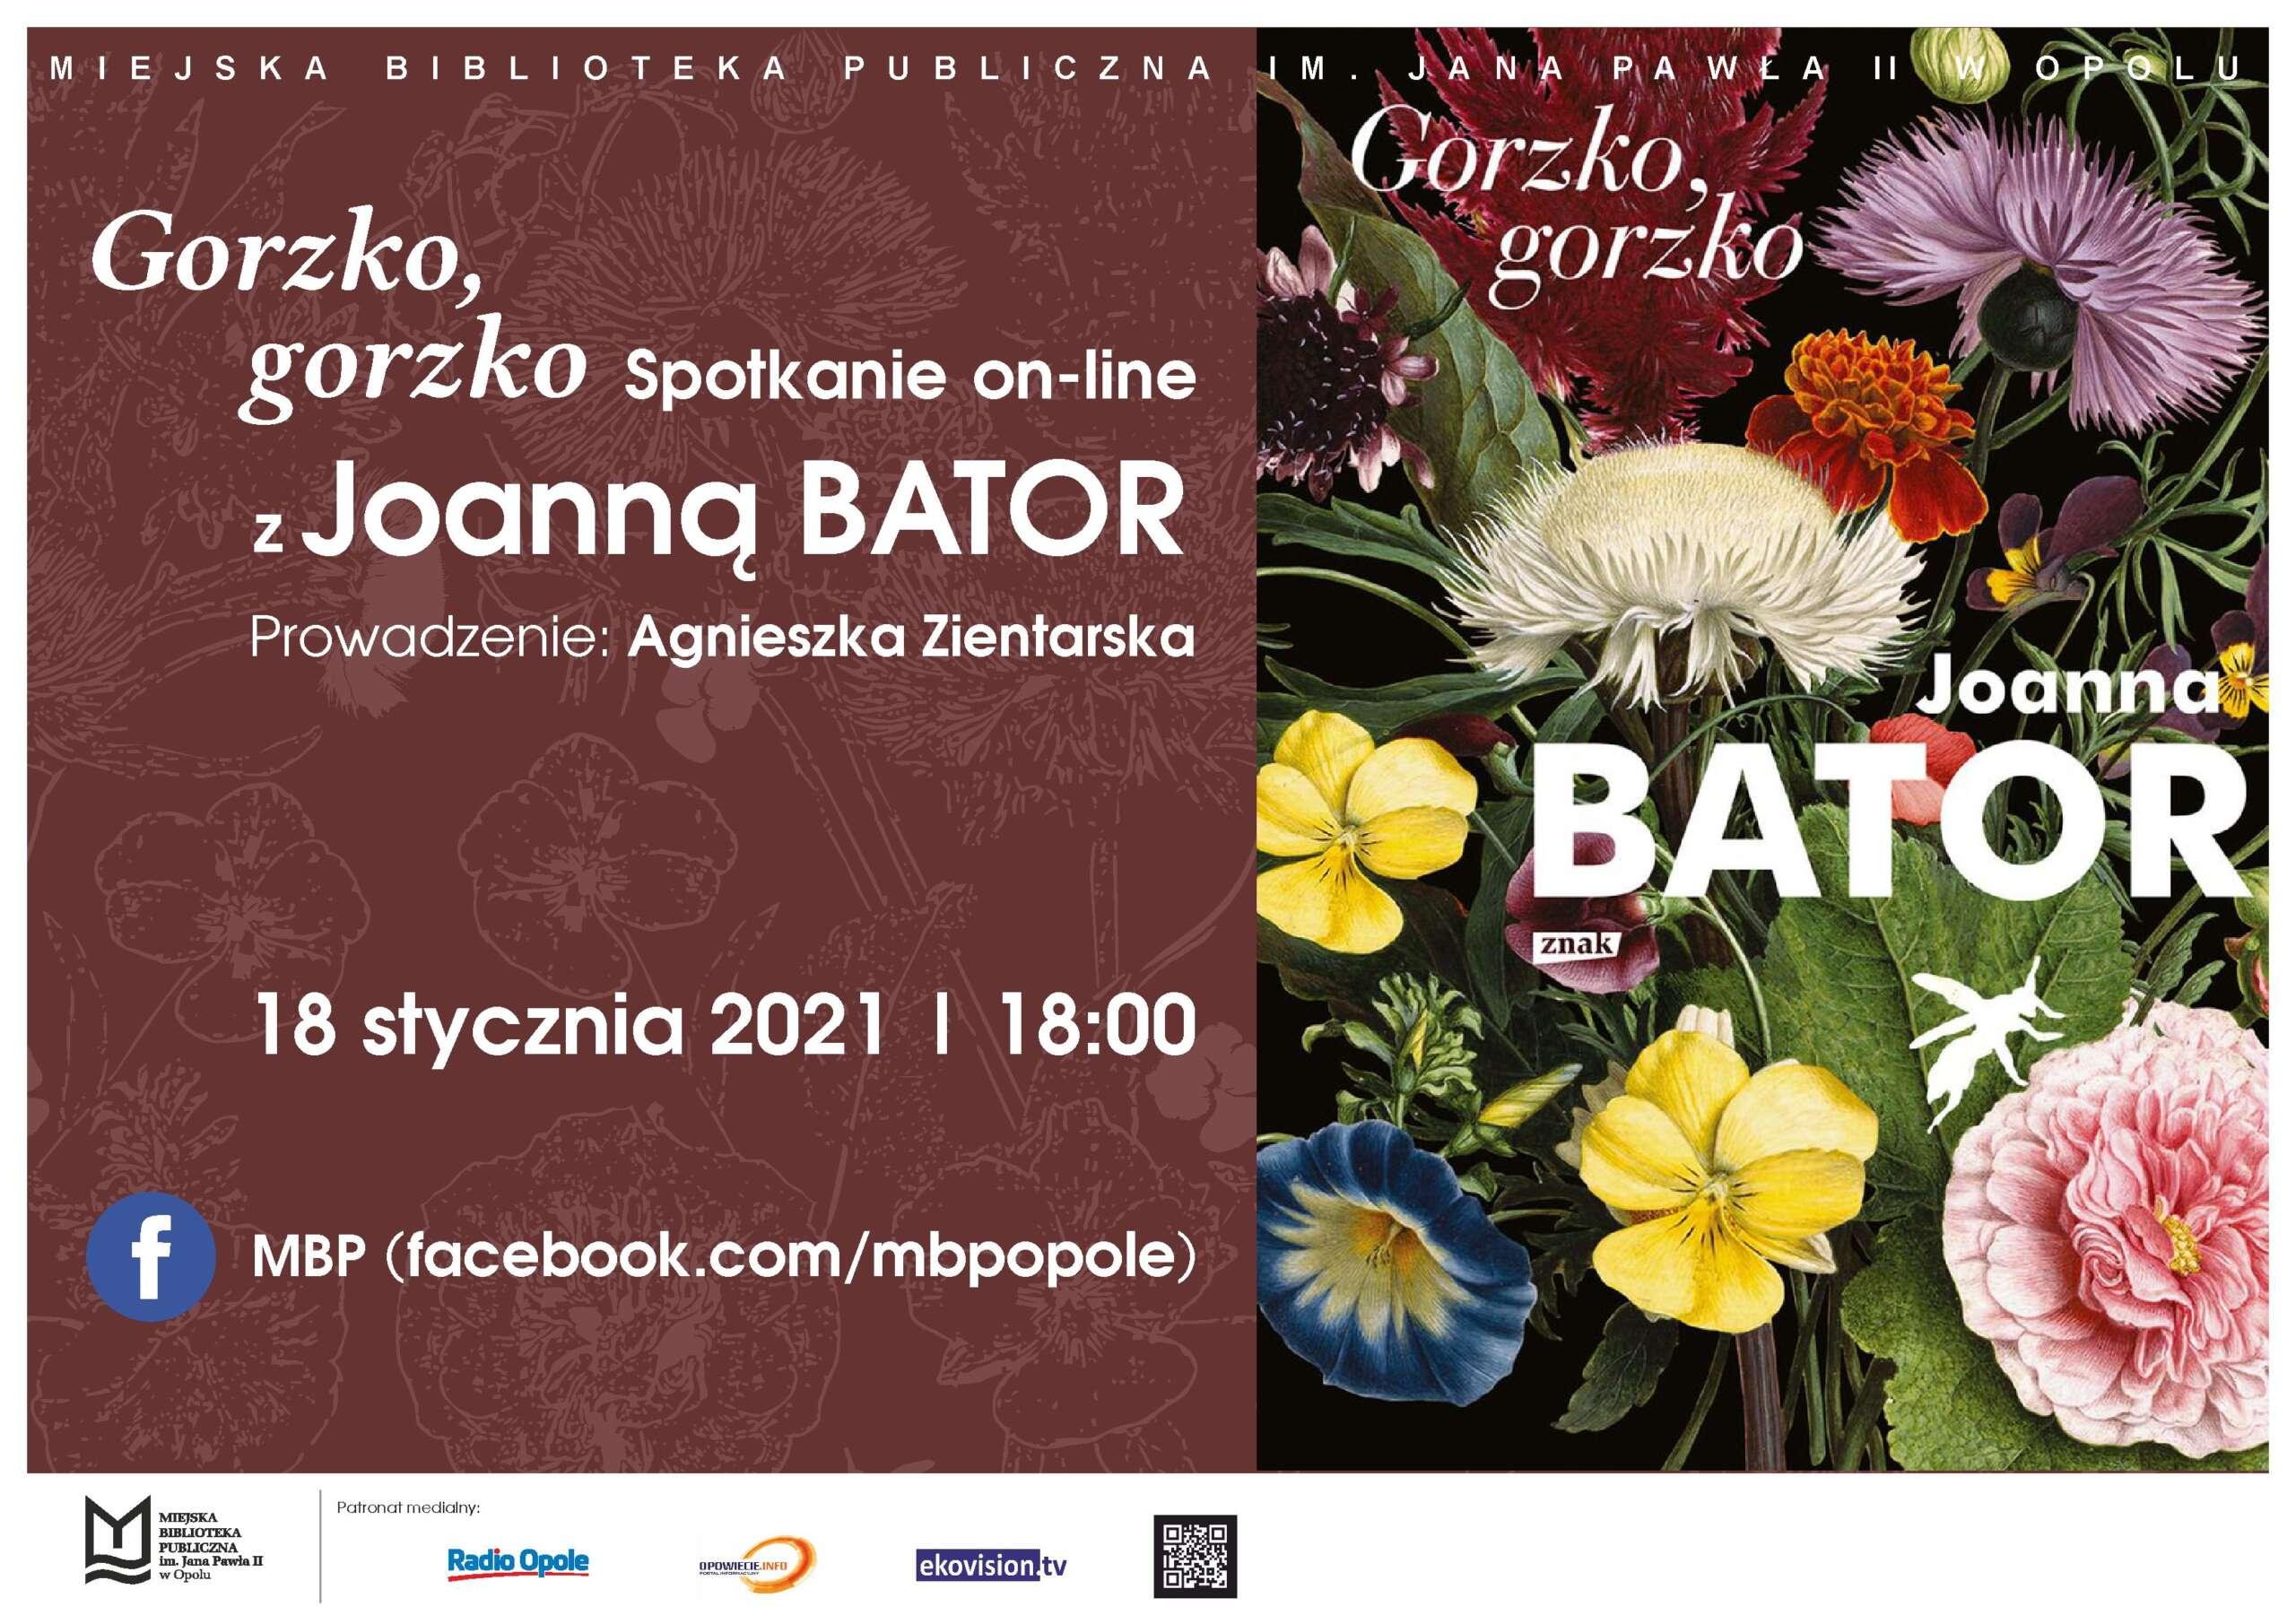 Plakat. Gorzko, gorzko – spotkanie online z Joanną Bator